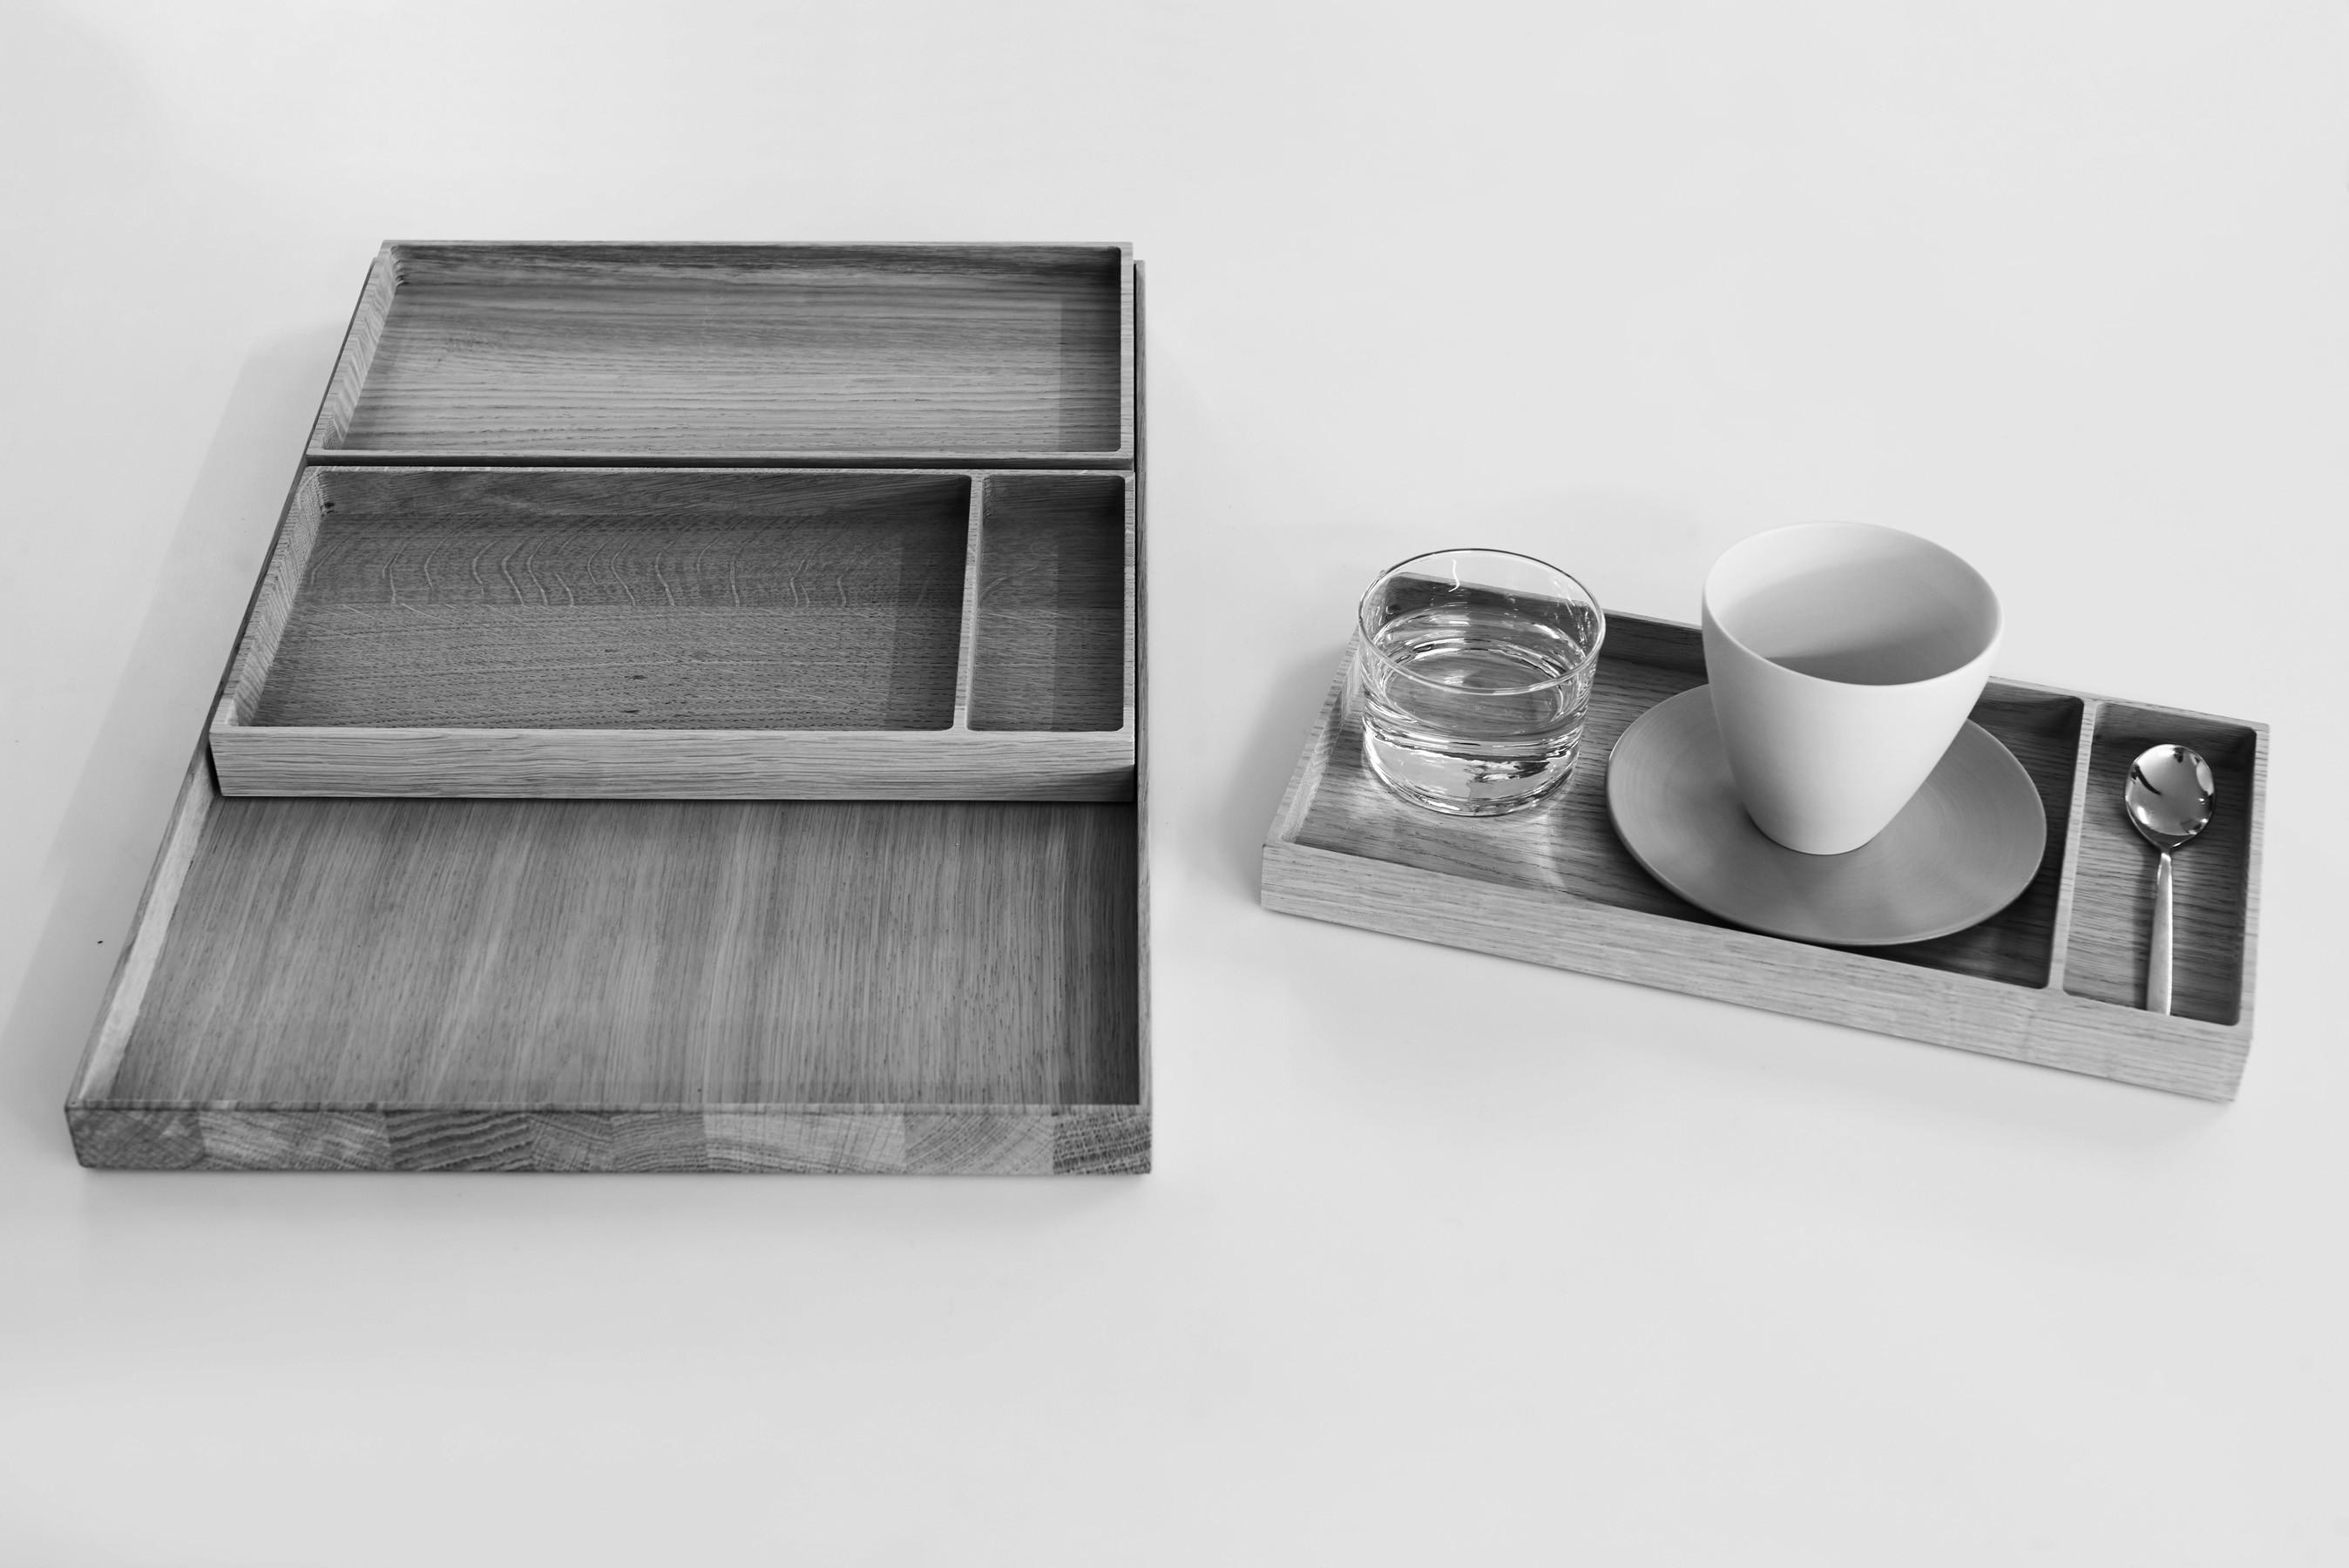 Produktdesign by Jürgen Krämer